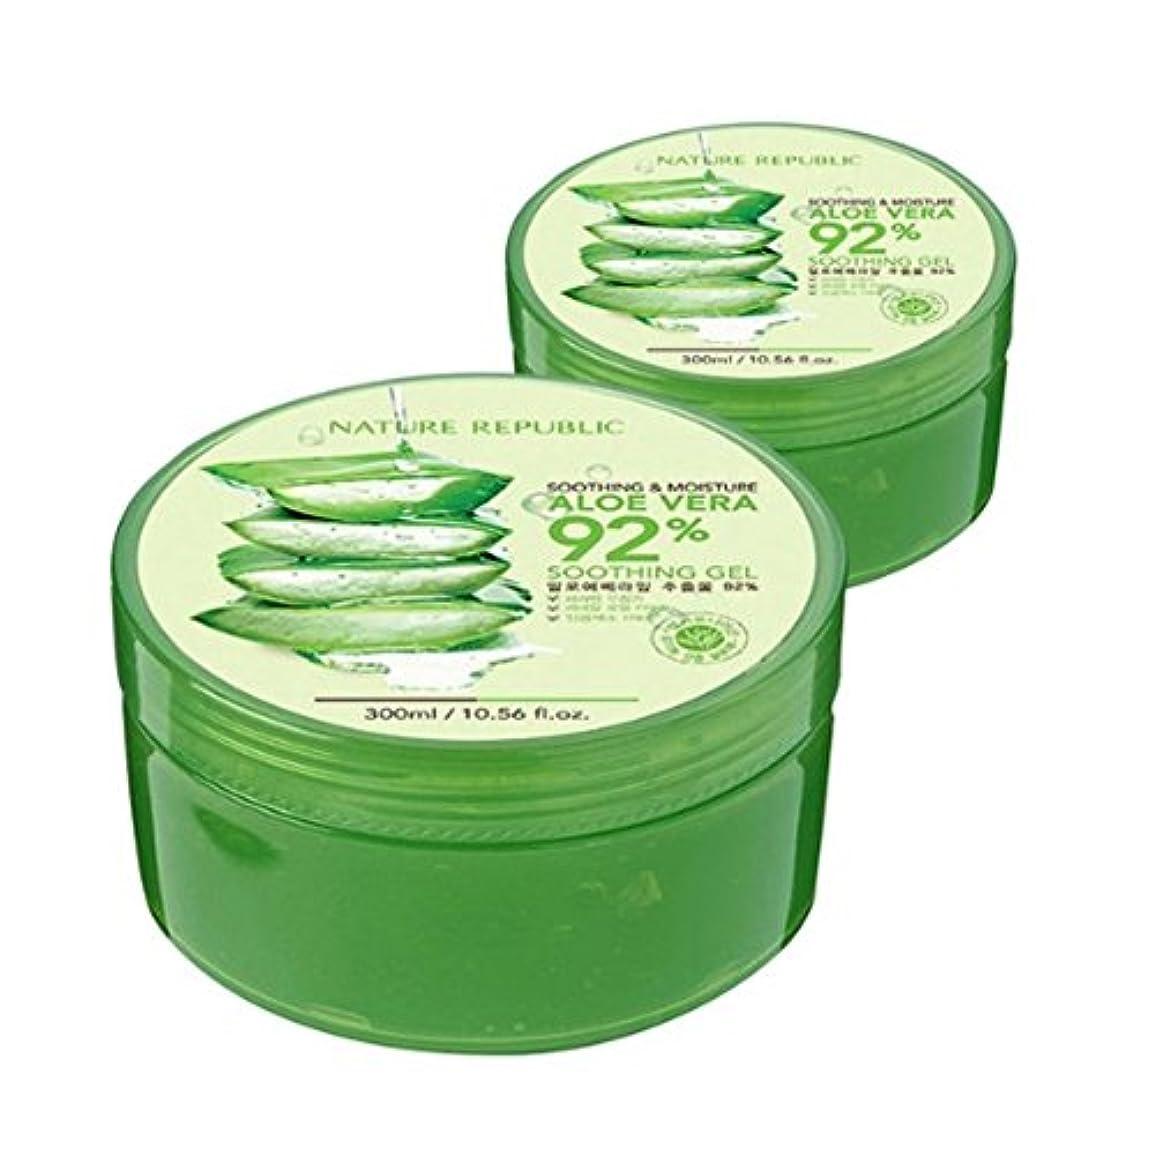 でも幻想頑固なネイチャーリパブリック(NATURE REPUBLIC)スージング&モイスチャーアロエベラ 92% スディンジェル 300ml x2本セット NATURE REPUBLIC Soothing & Moisture Aloe...